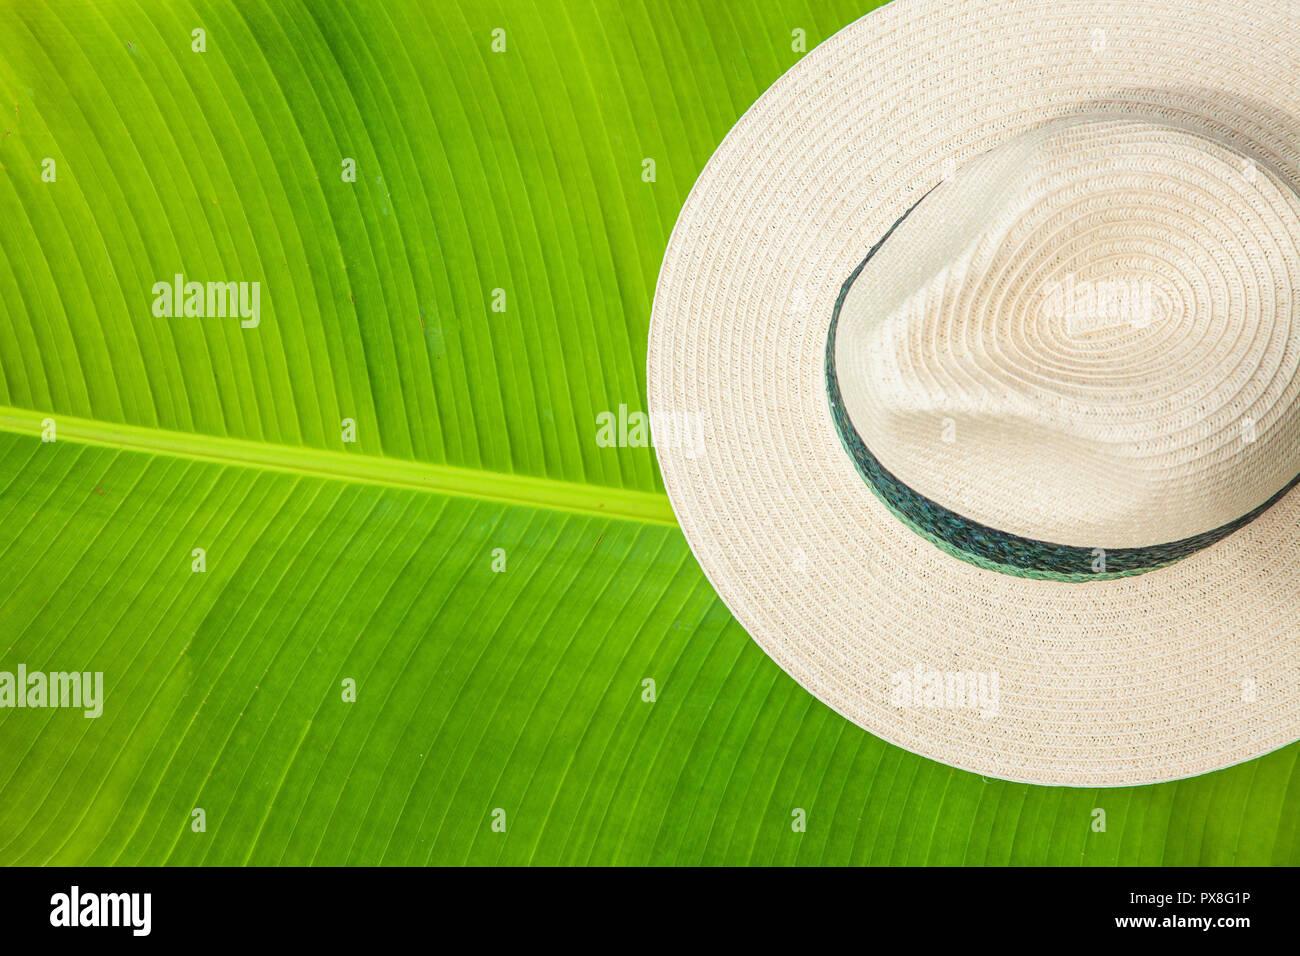 Palm Leaf Hat Imágenes De Stock   Palm Leaf Hat Fotos De Stock - Alamy ddfec27955a